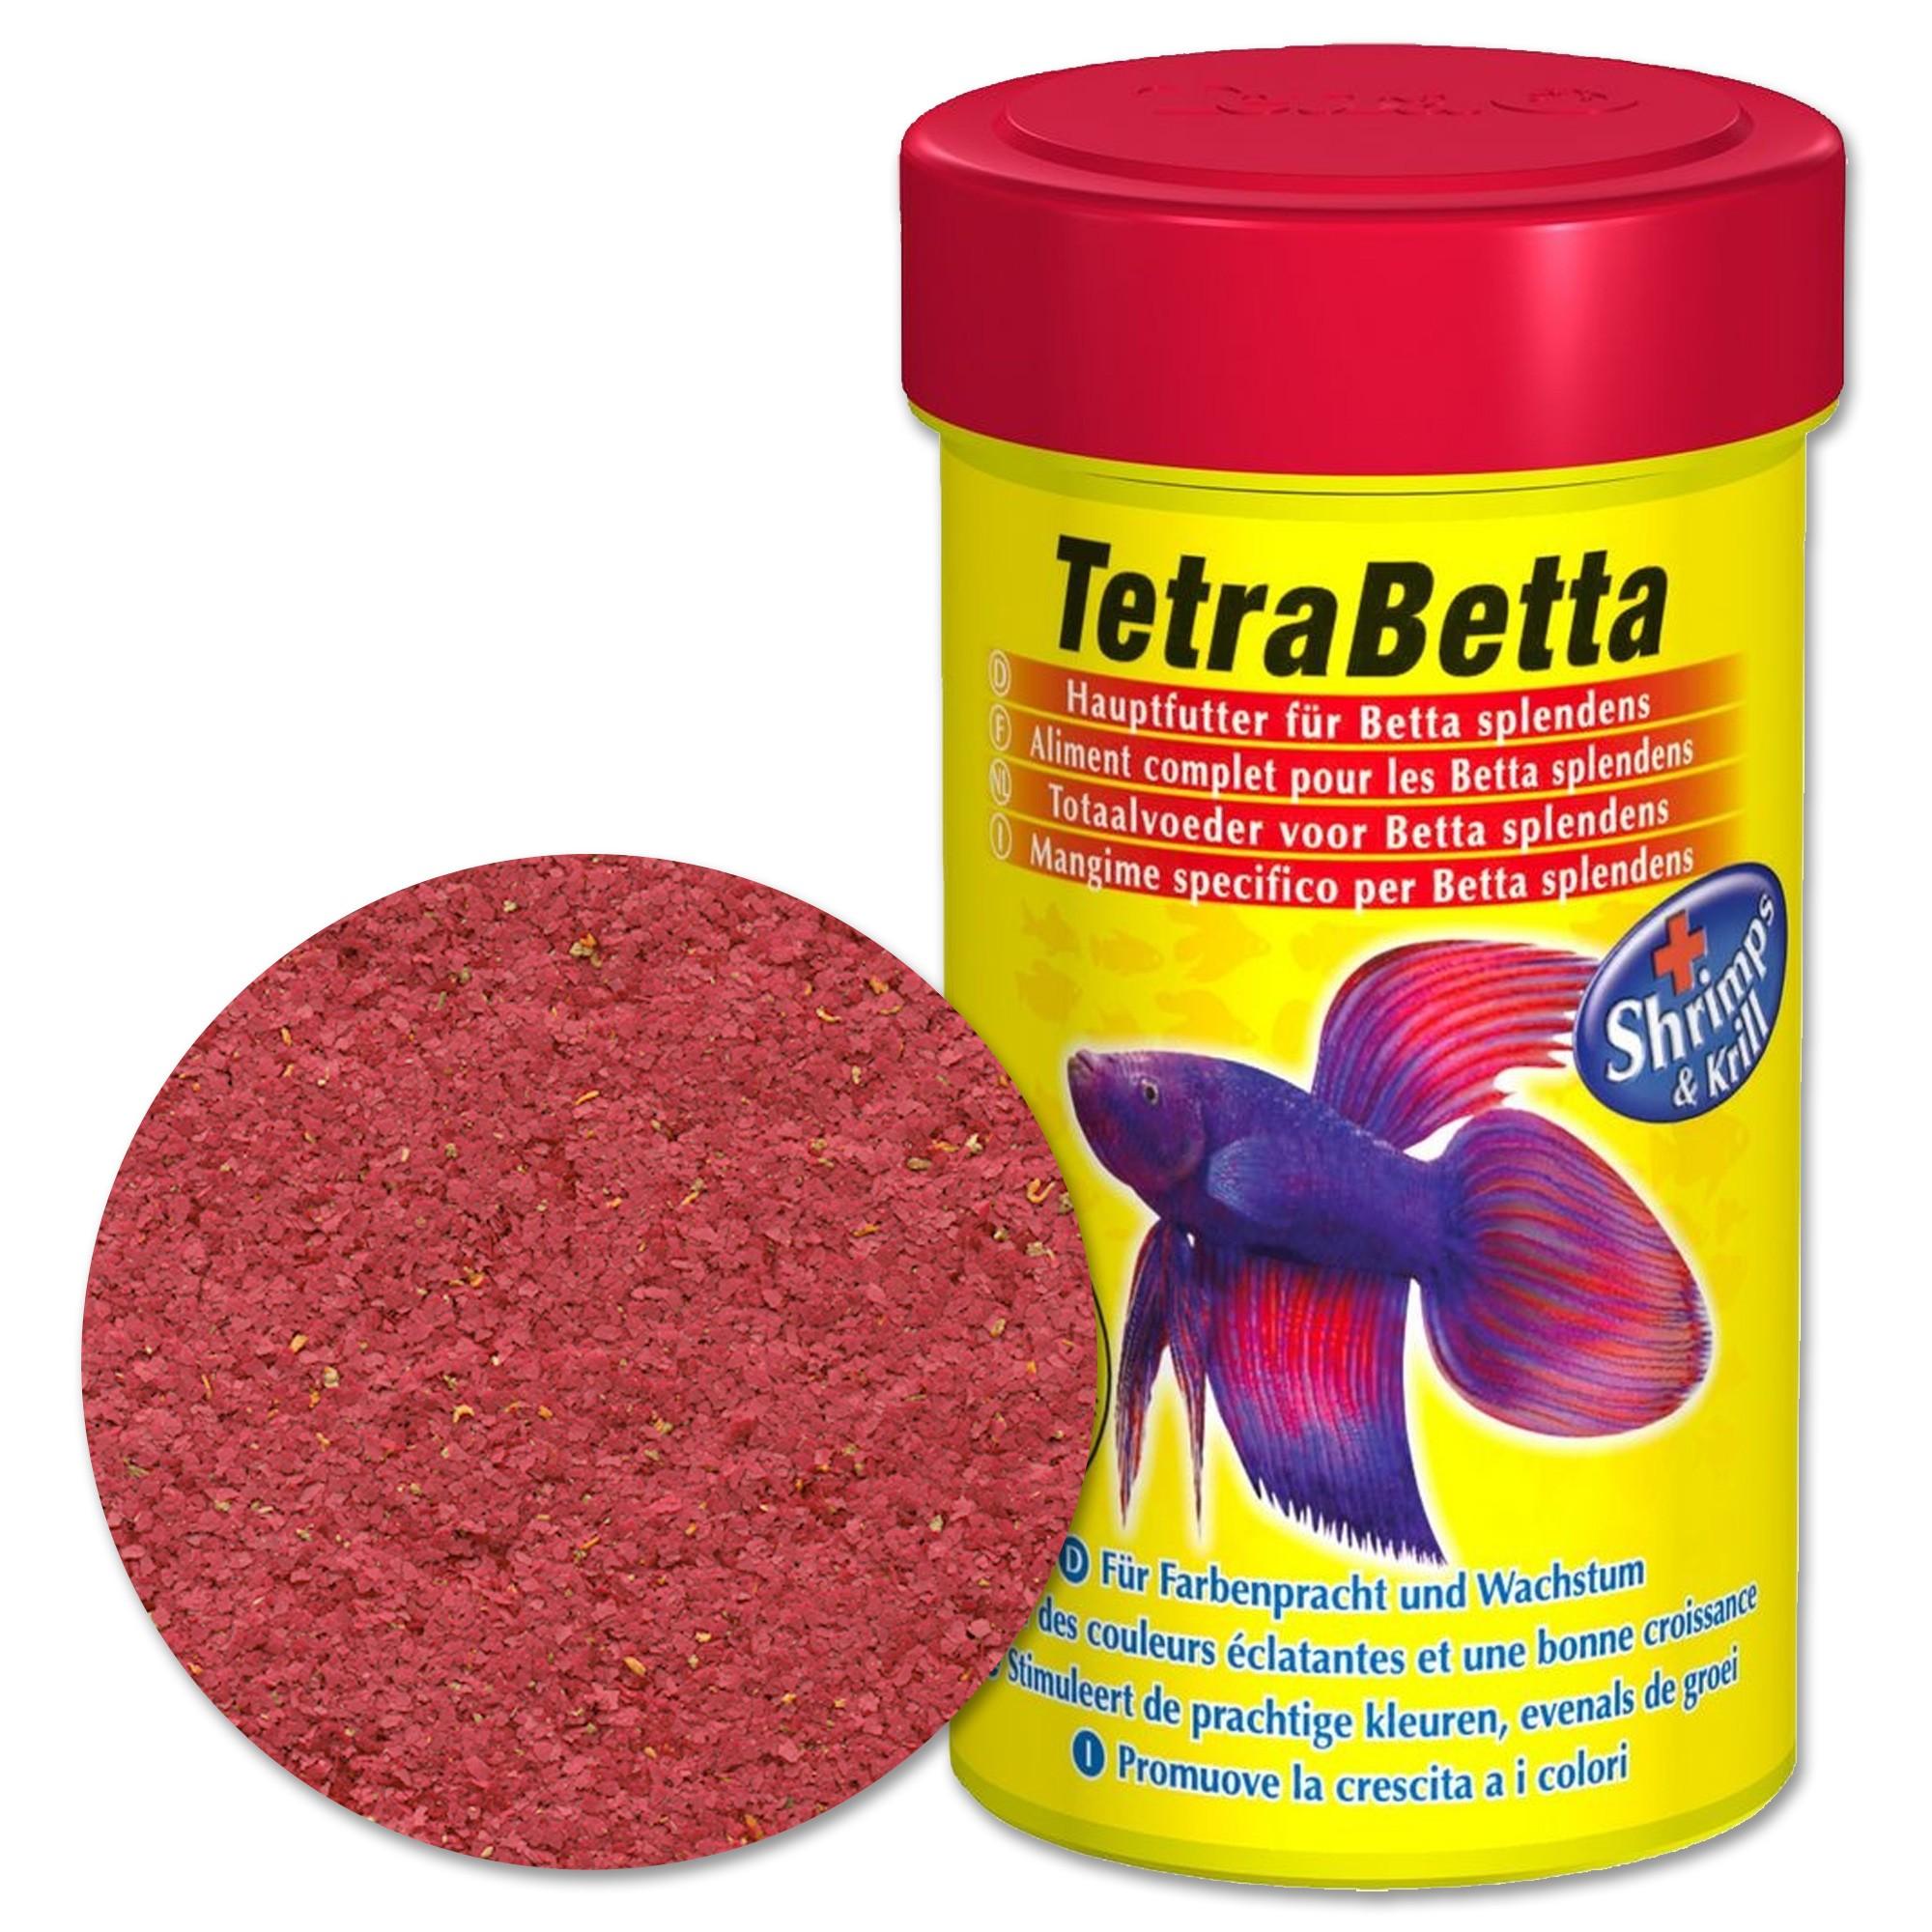 acquario per betta ~ reportage bettaday del 17 novembre 2011 ... - Allestimento Acquario Per Betta Splendens